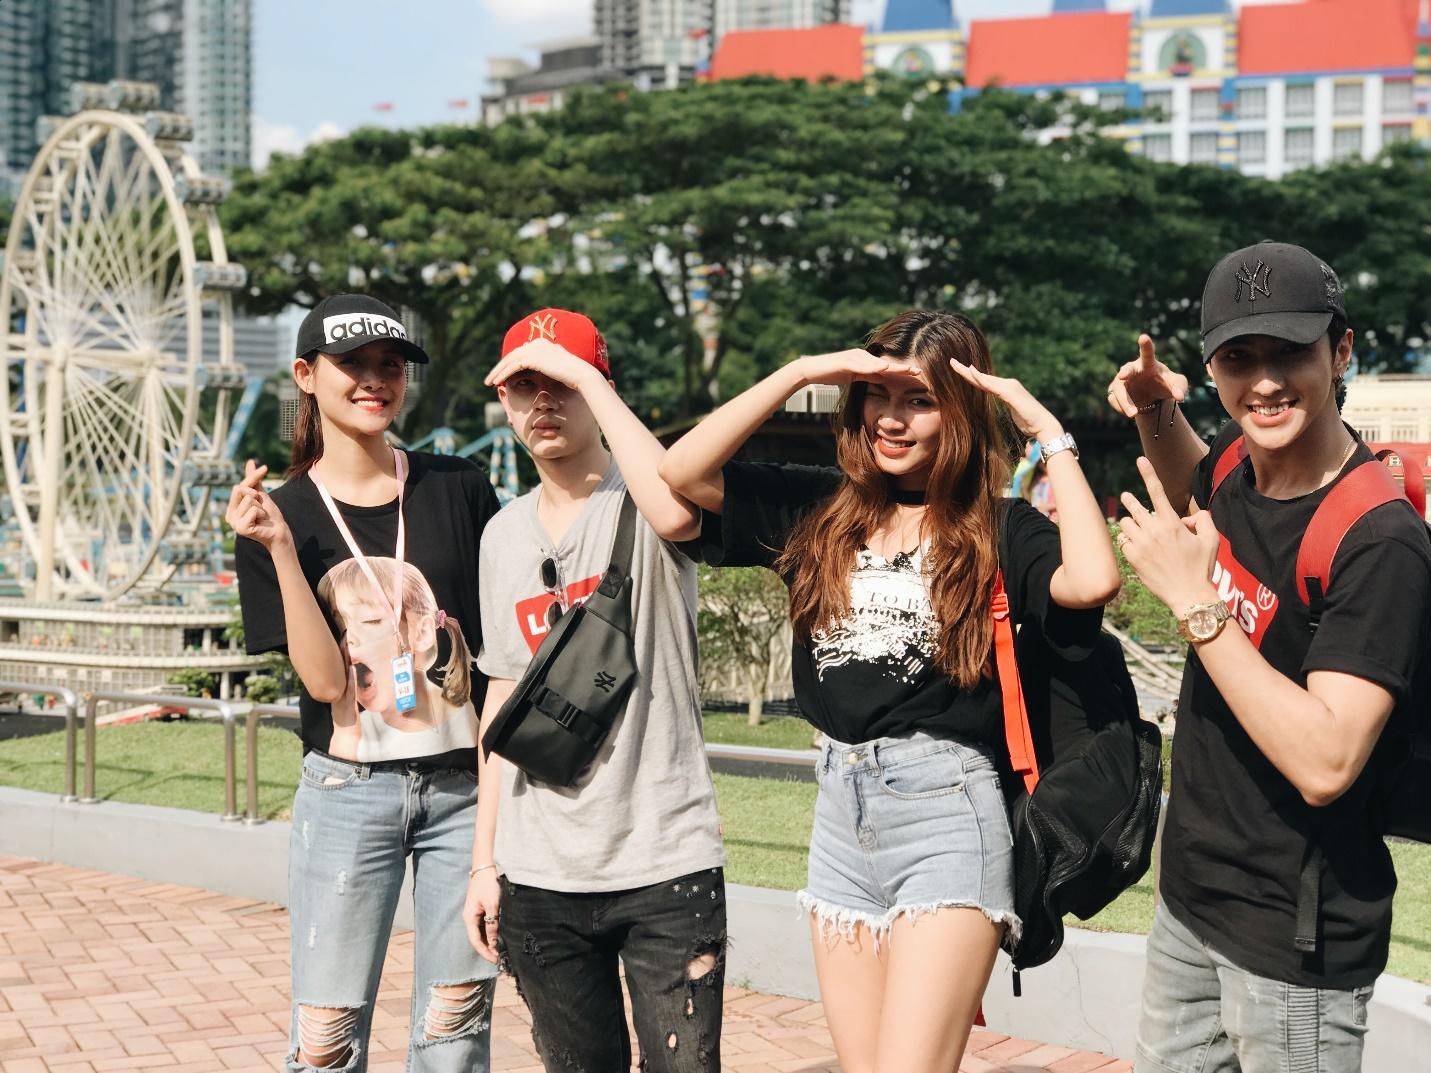 Xem chương trình du lịch tương tác trực tuyến của KingGo mới biết có một Malaysia đẹp hút hồn tới vậy!